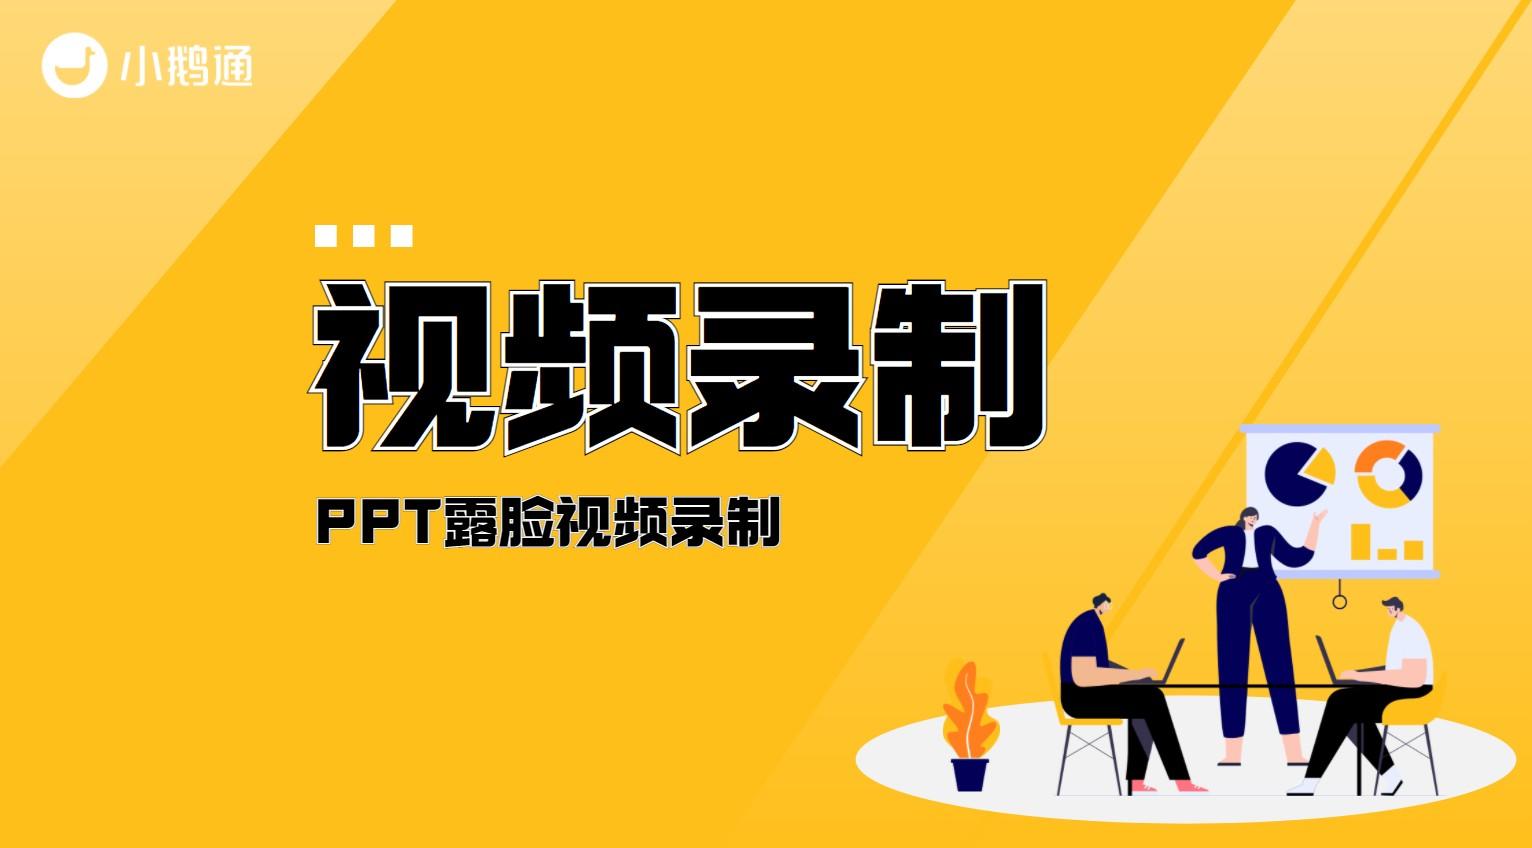 PPT露脸录制视频